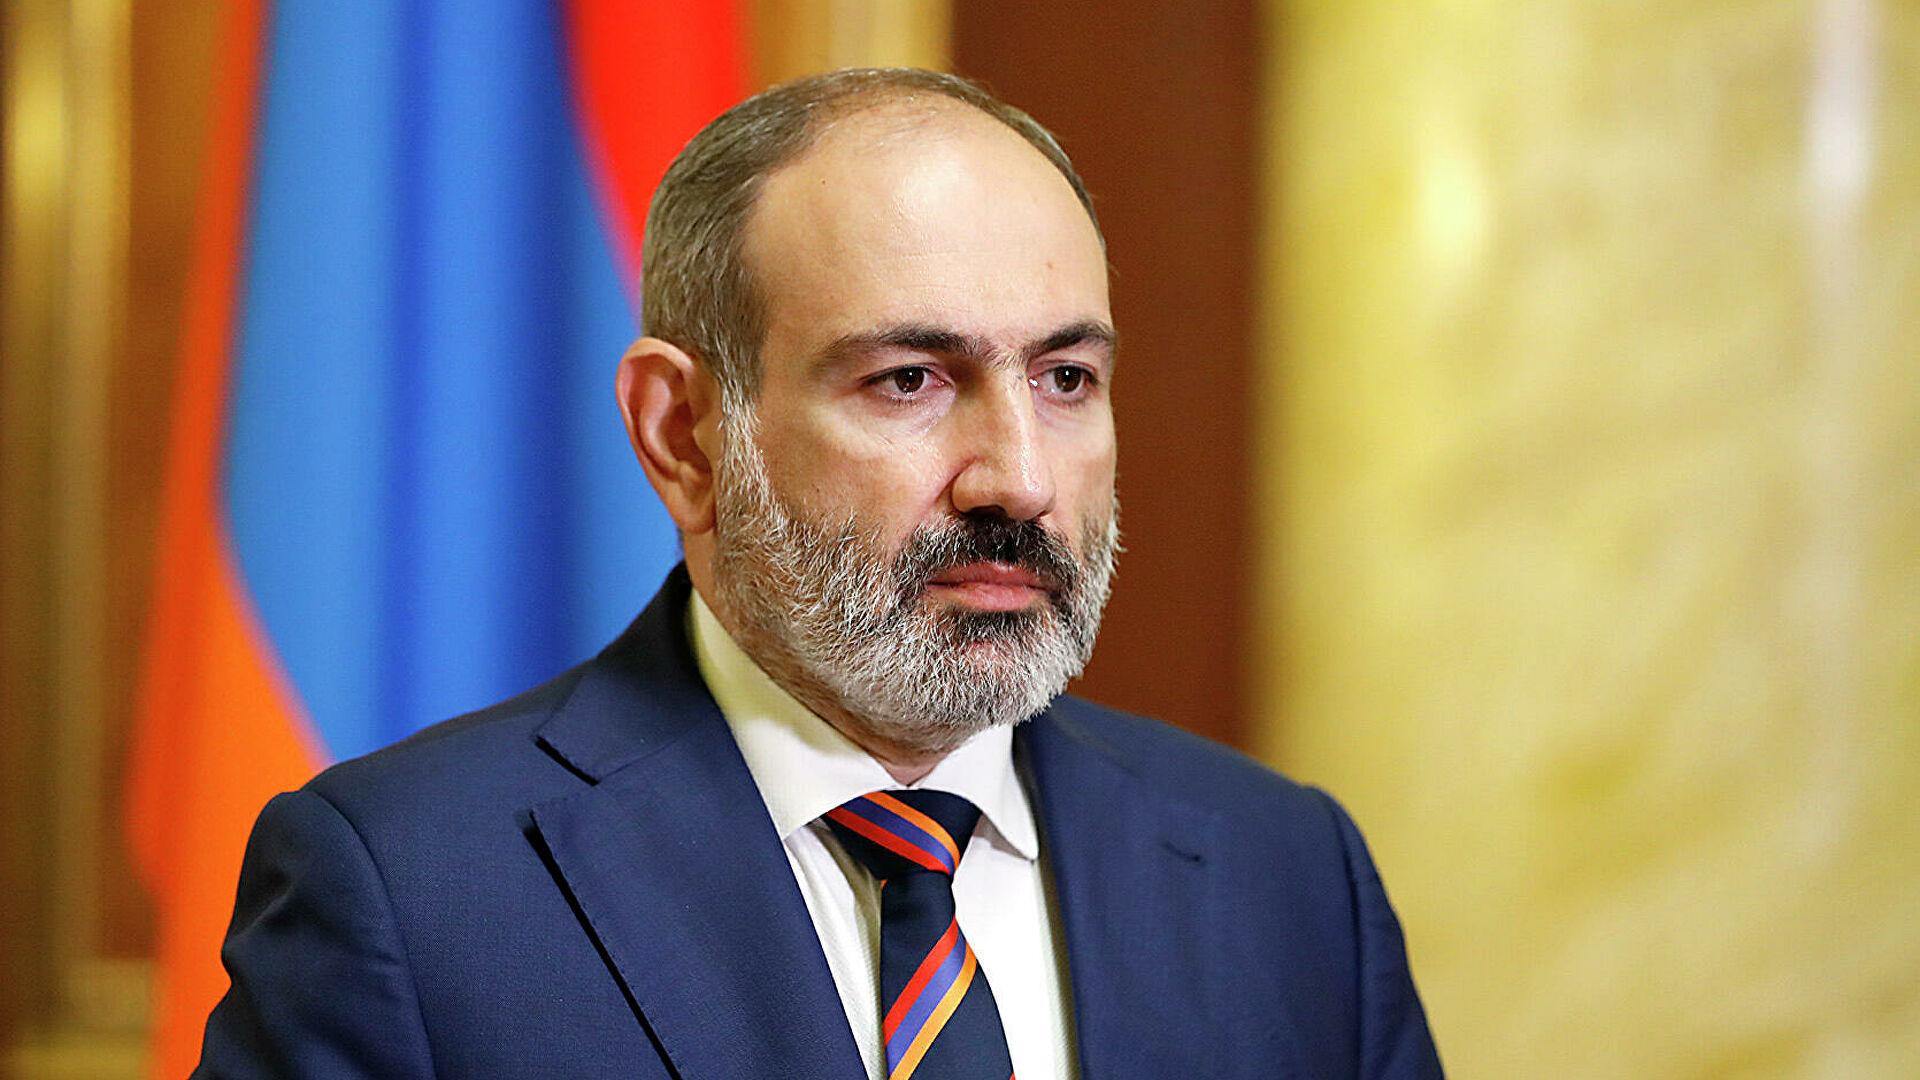 Вірменський прем'єр Пашинян офіційно подав у відставку